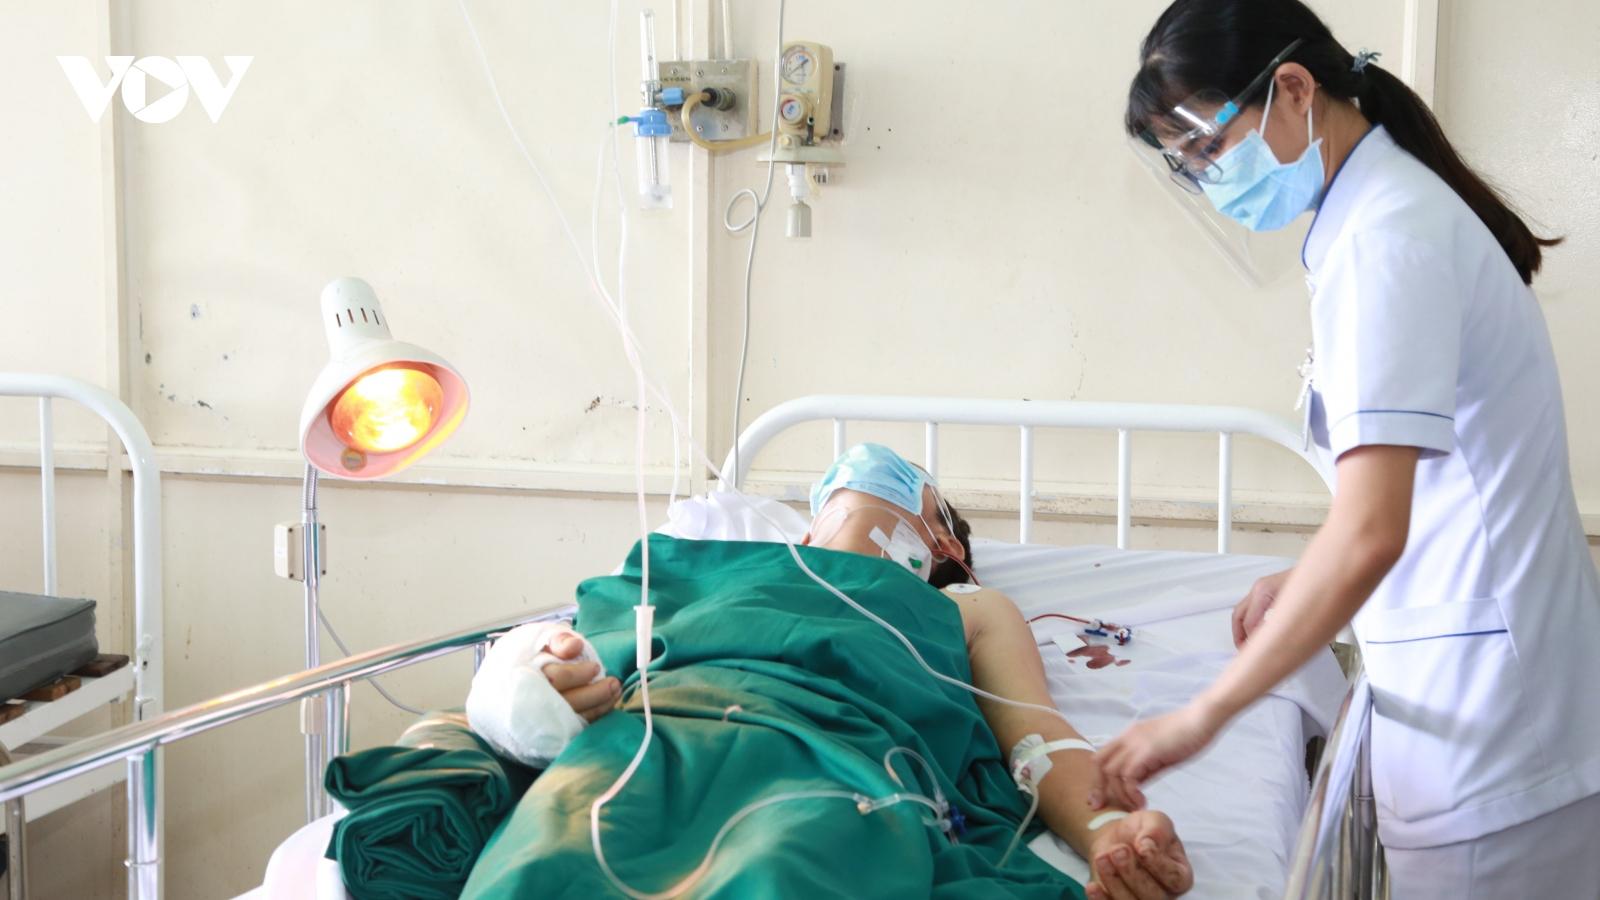 Nạn nhân bị chém lìa tay ở Bình Dương được phẫu thuật thành công